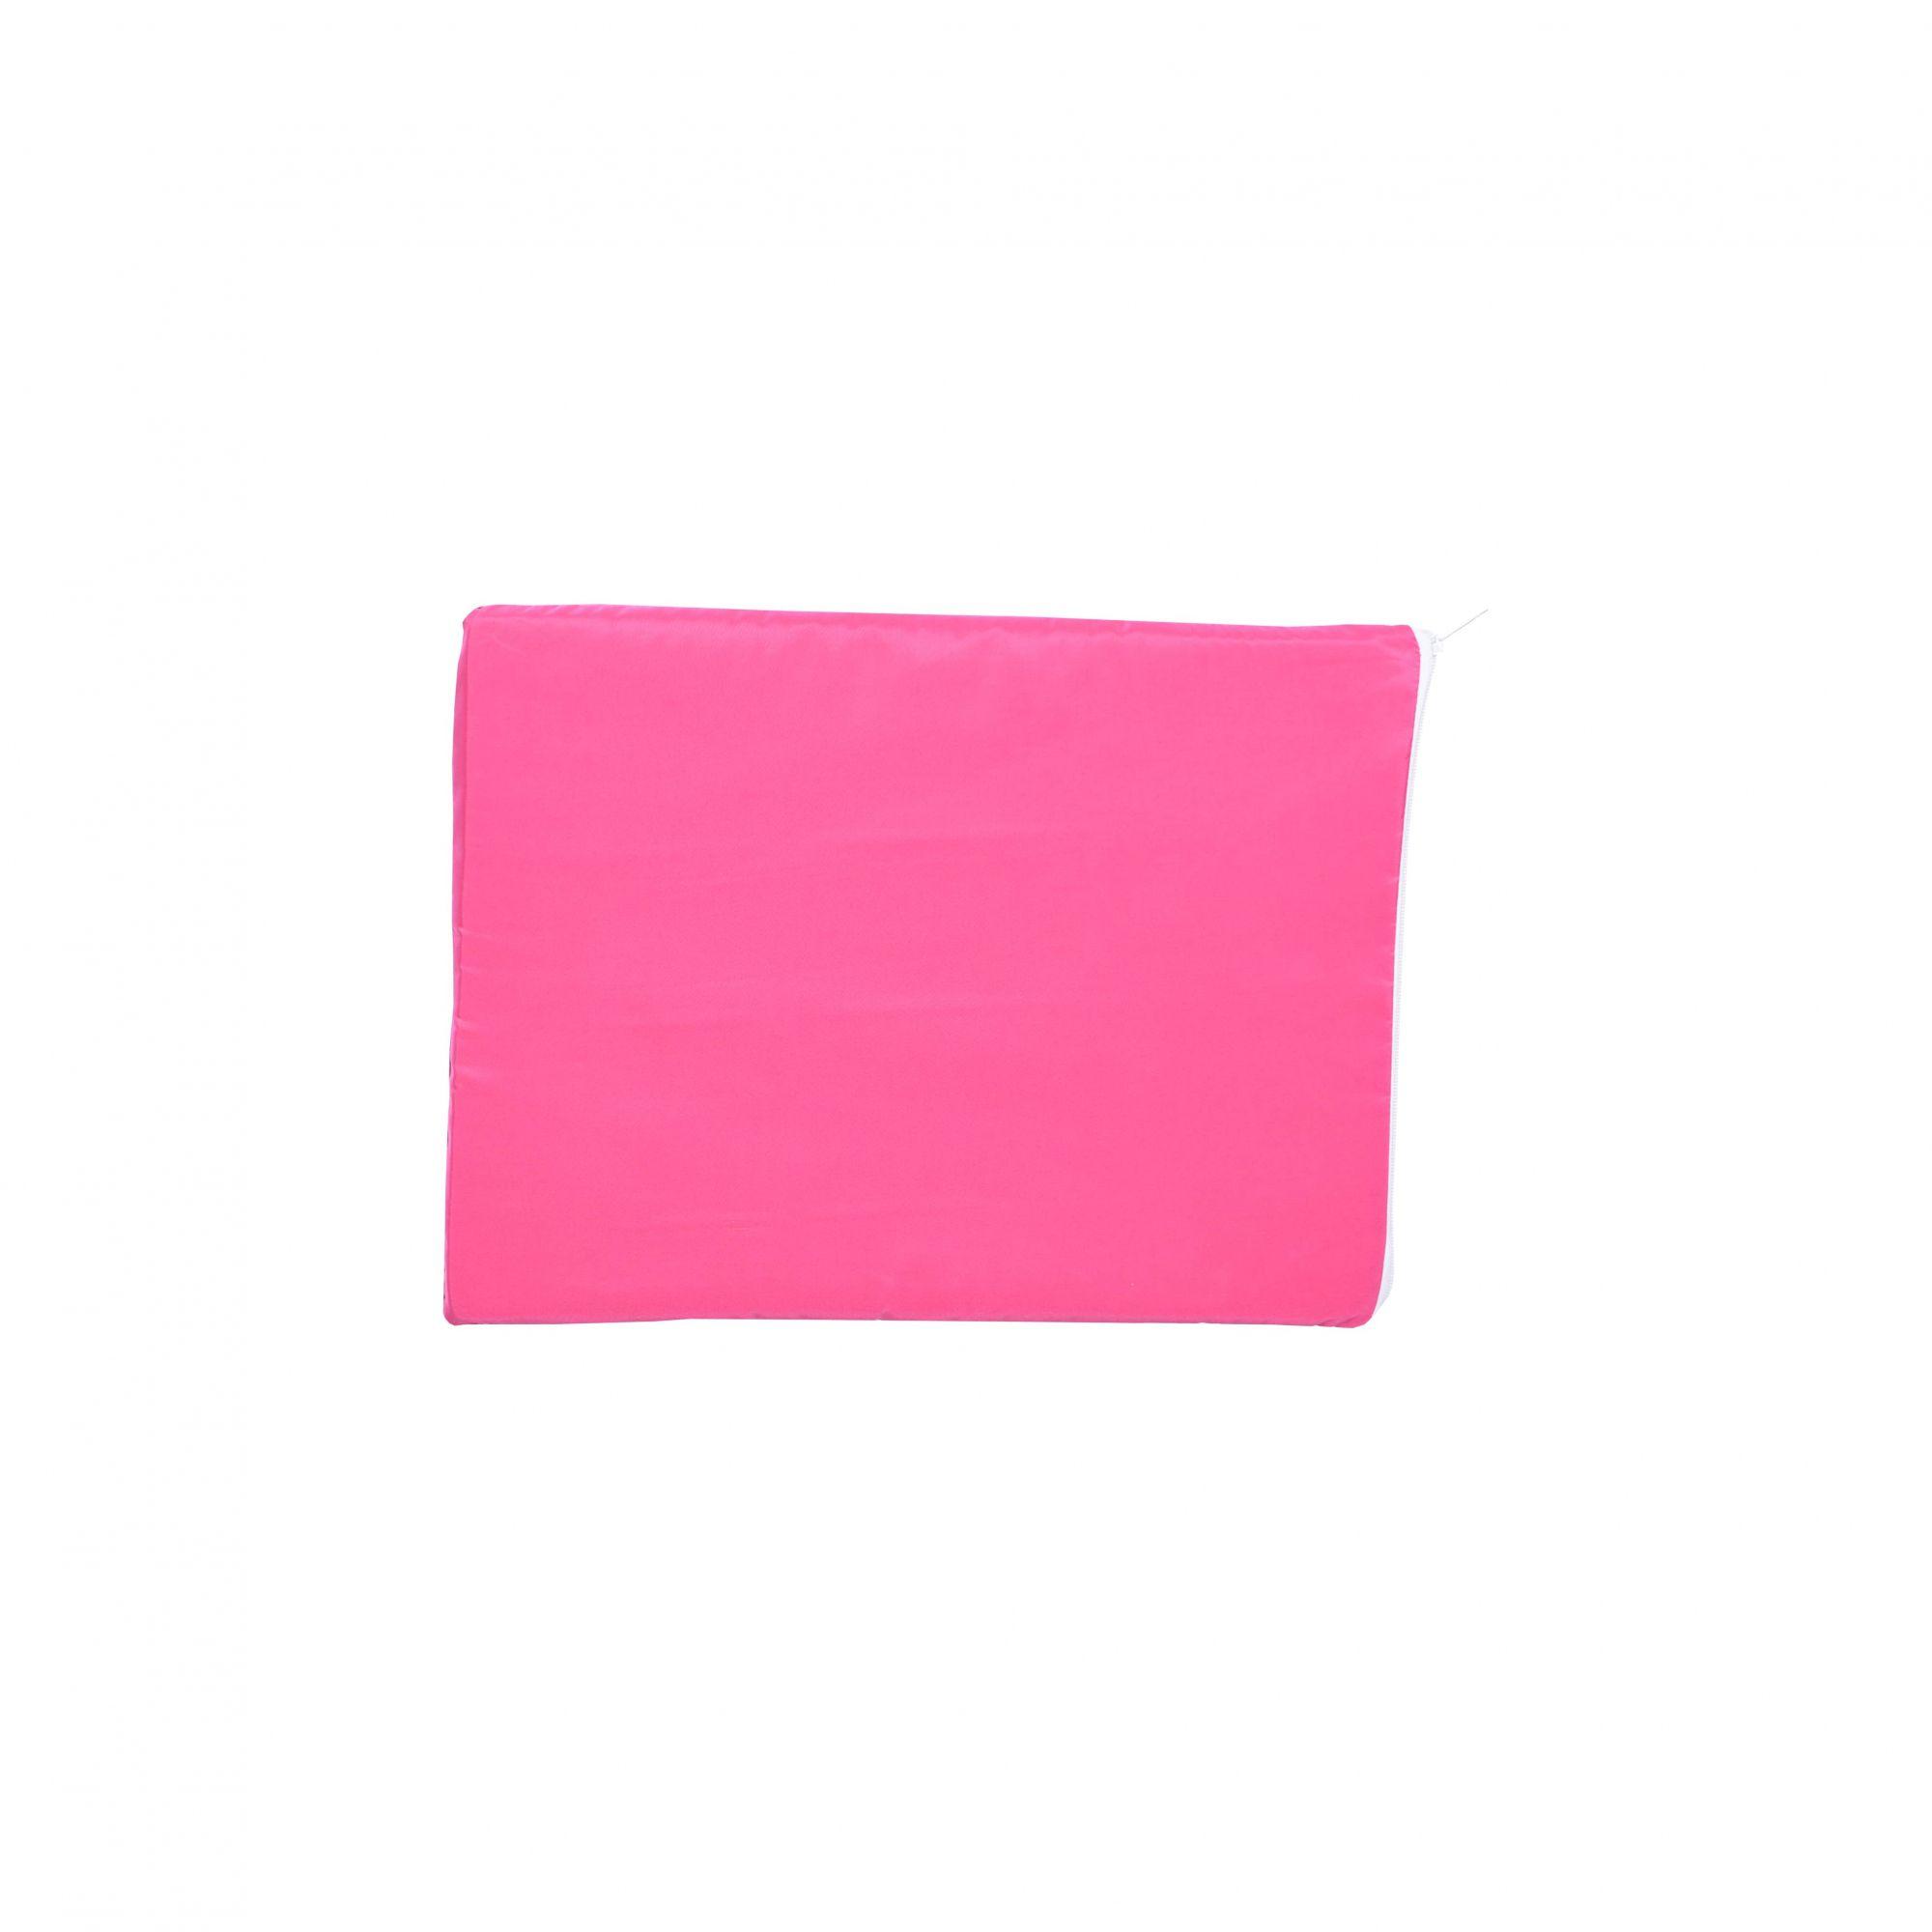 Kit Casinha Madeira 02 com Colchonete Rosa e placa de nome